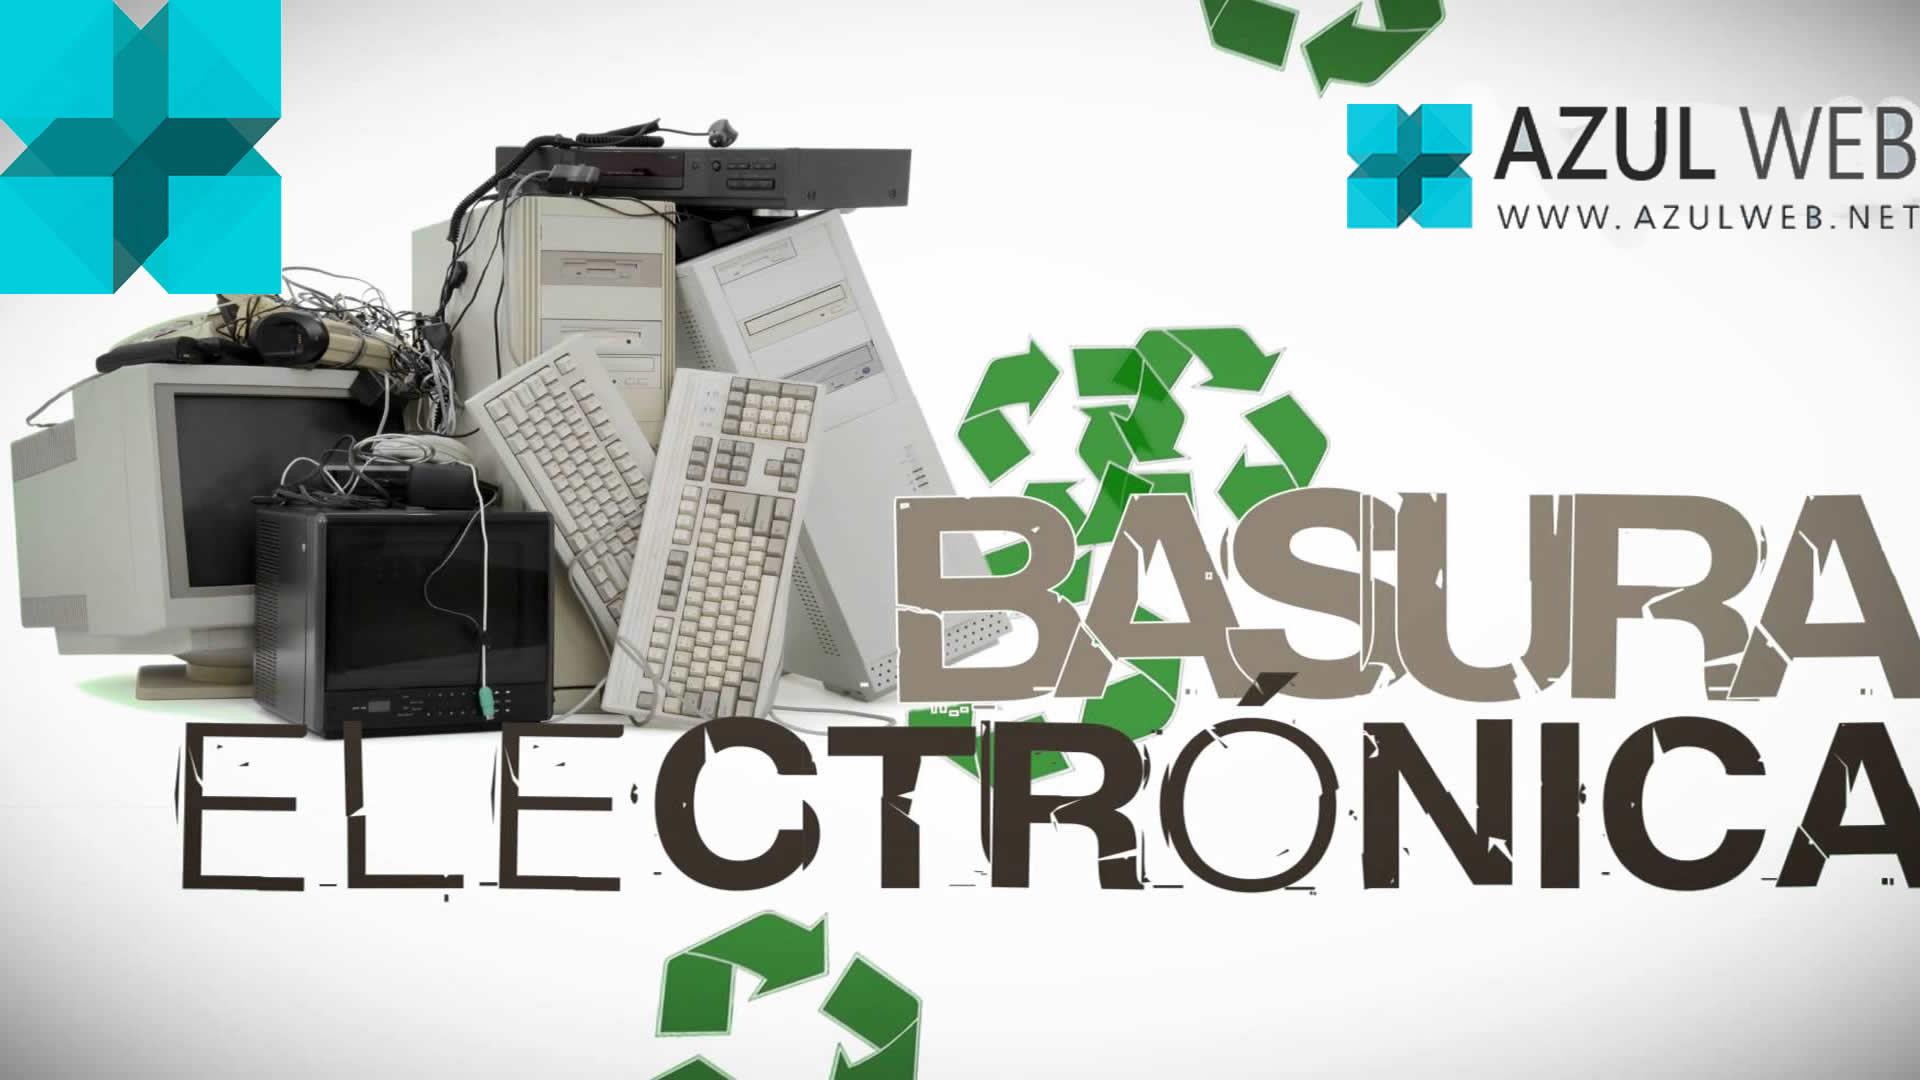 Basura Electronica El Problema Va Aumentando